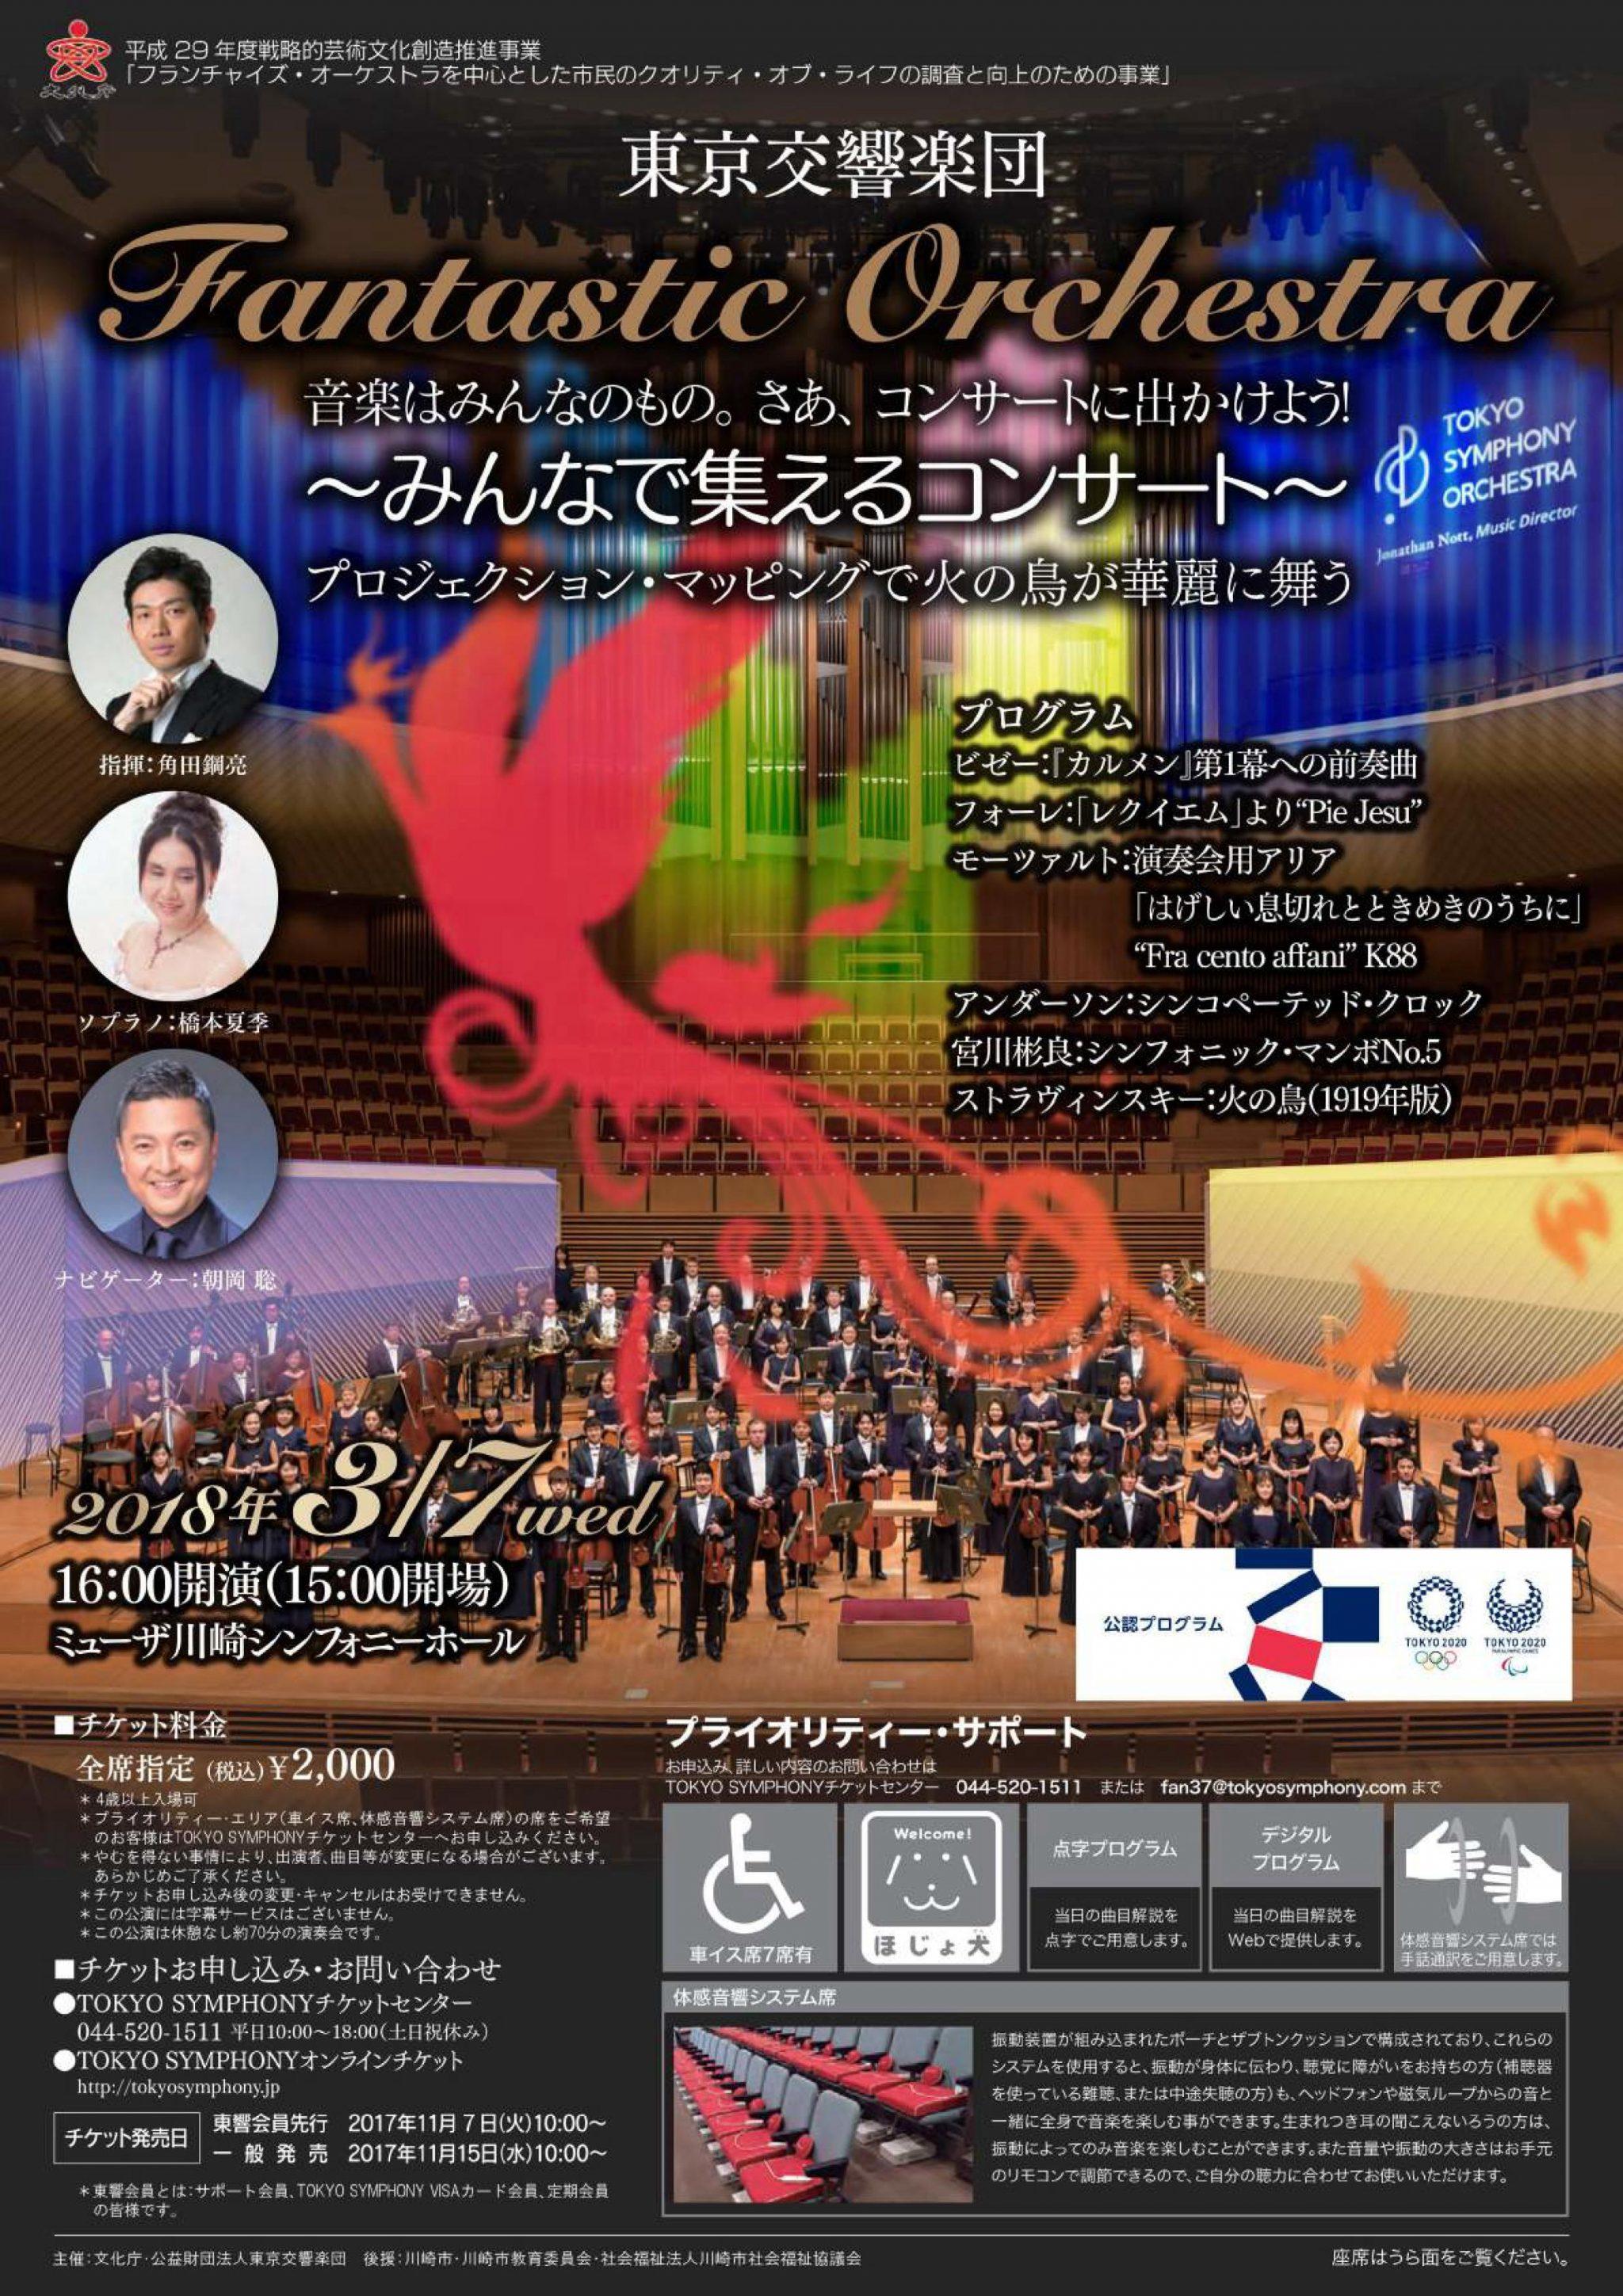 東京交響楽団 ファンタスティック・オーケストラ~みんなで集えるコンサート~